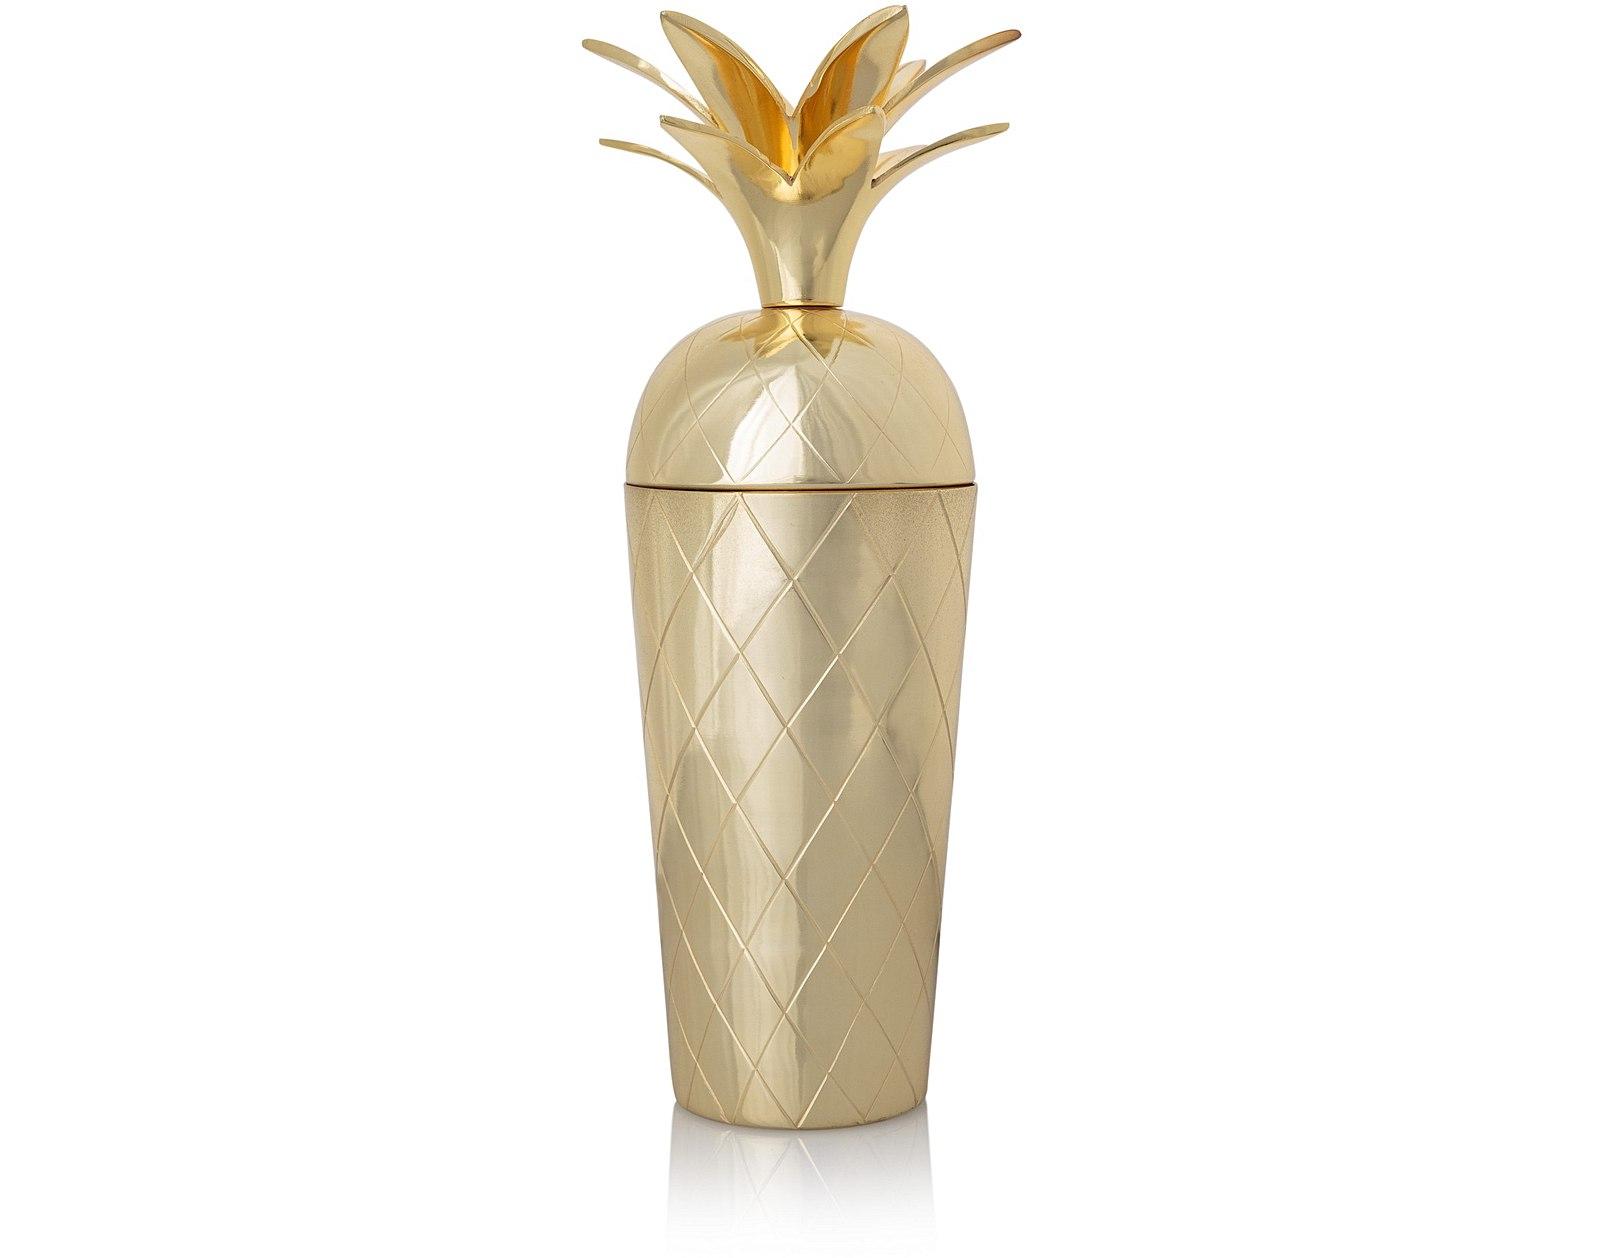 Oliver Bonas Pineapple cocktail shaker £34